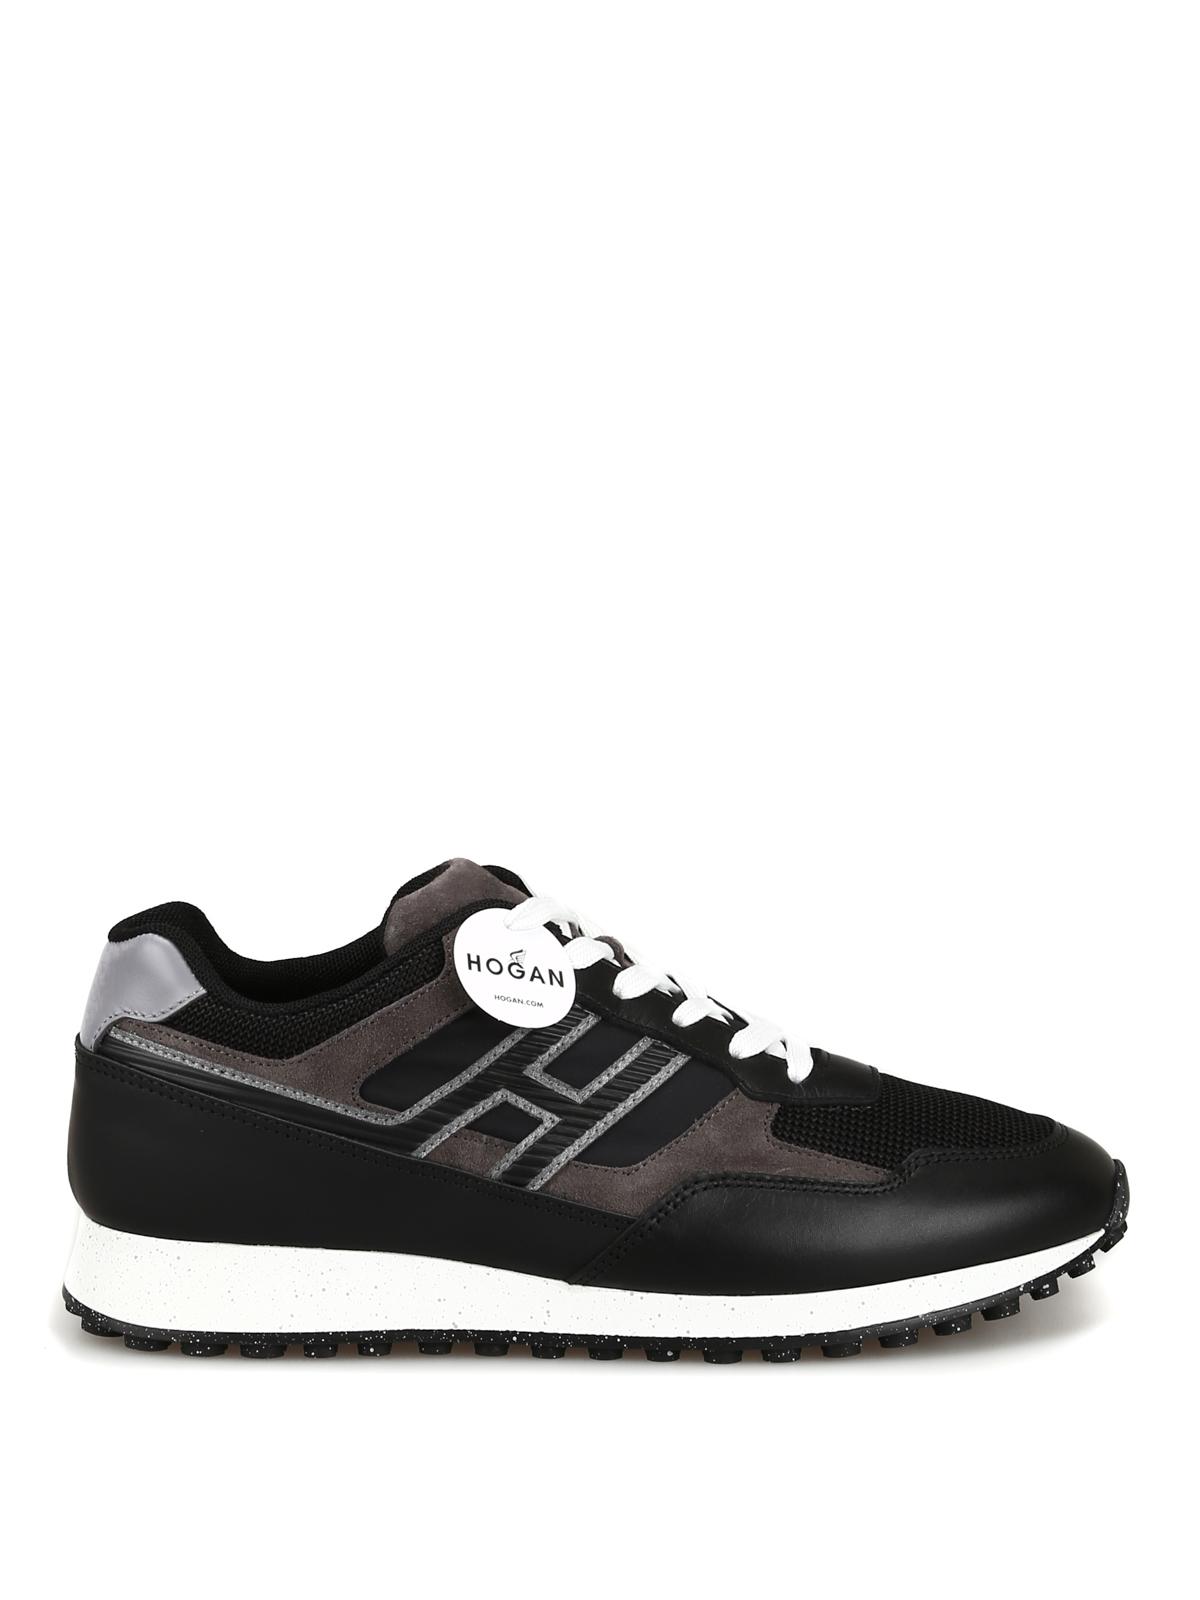 79e425dd5b H383 black leather sneakers - HOGAN scarpe - Paolo Fiorillo